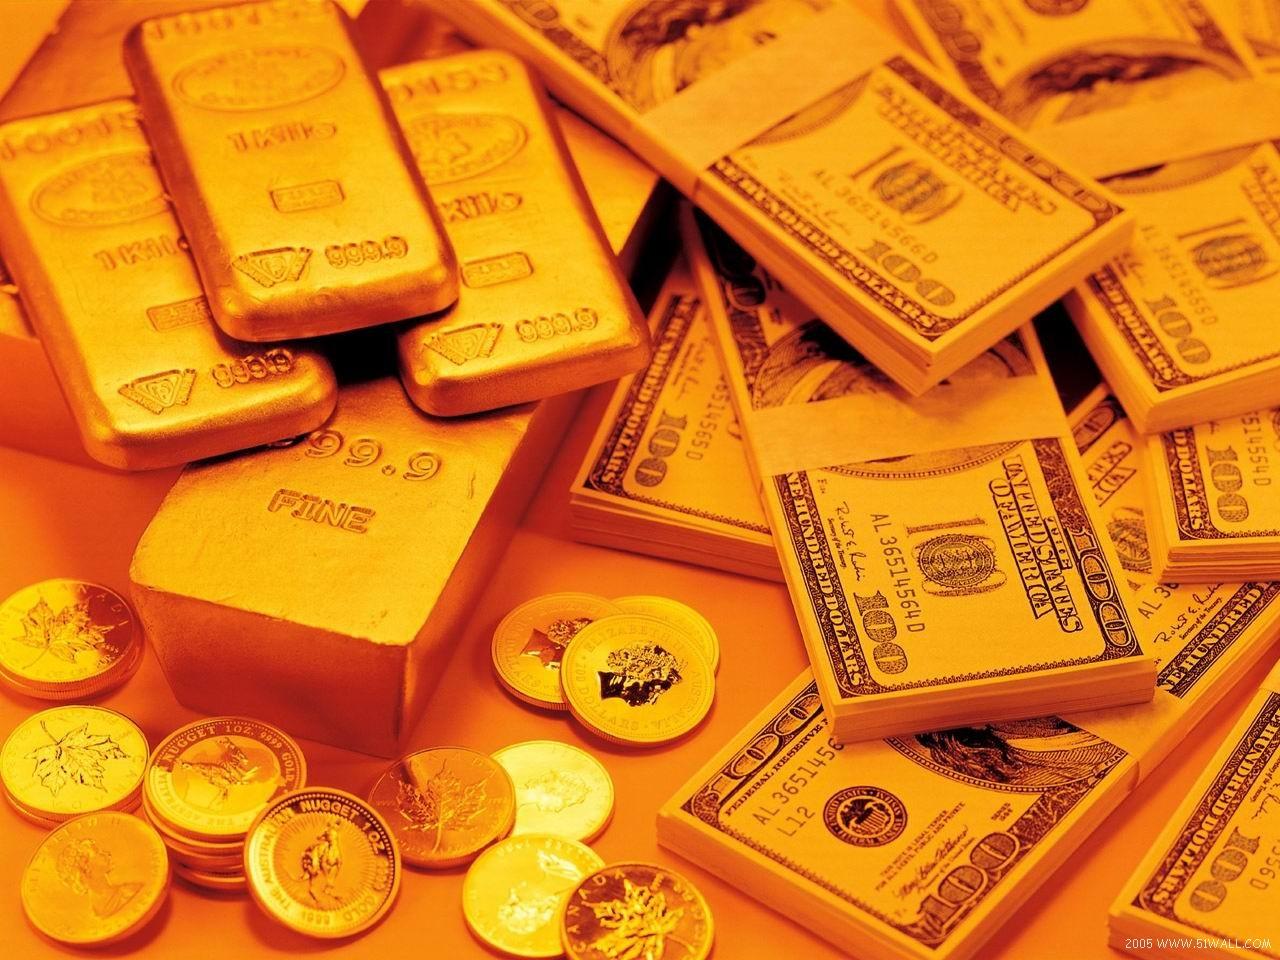 доллары и золото, скачать фото, обои для рабочего стола